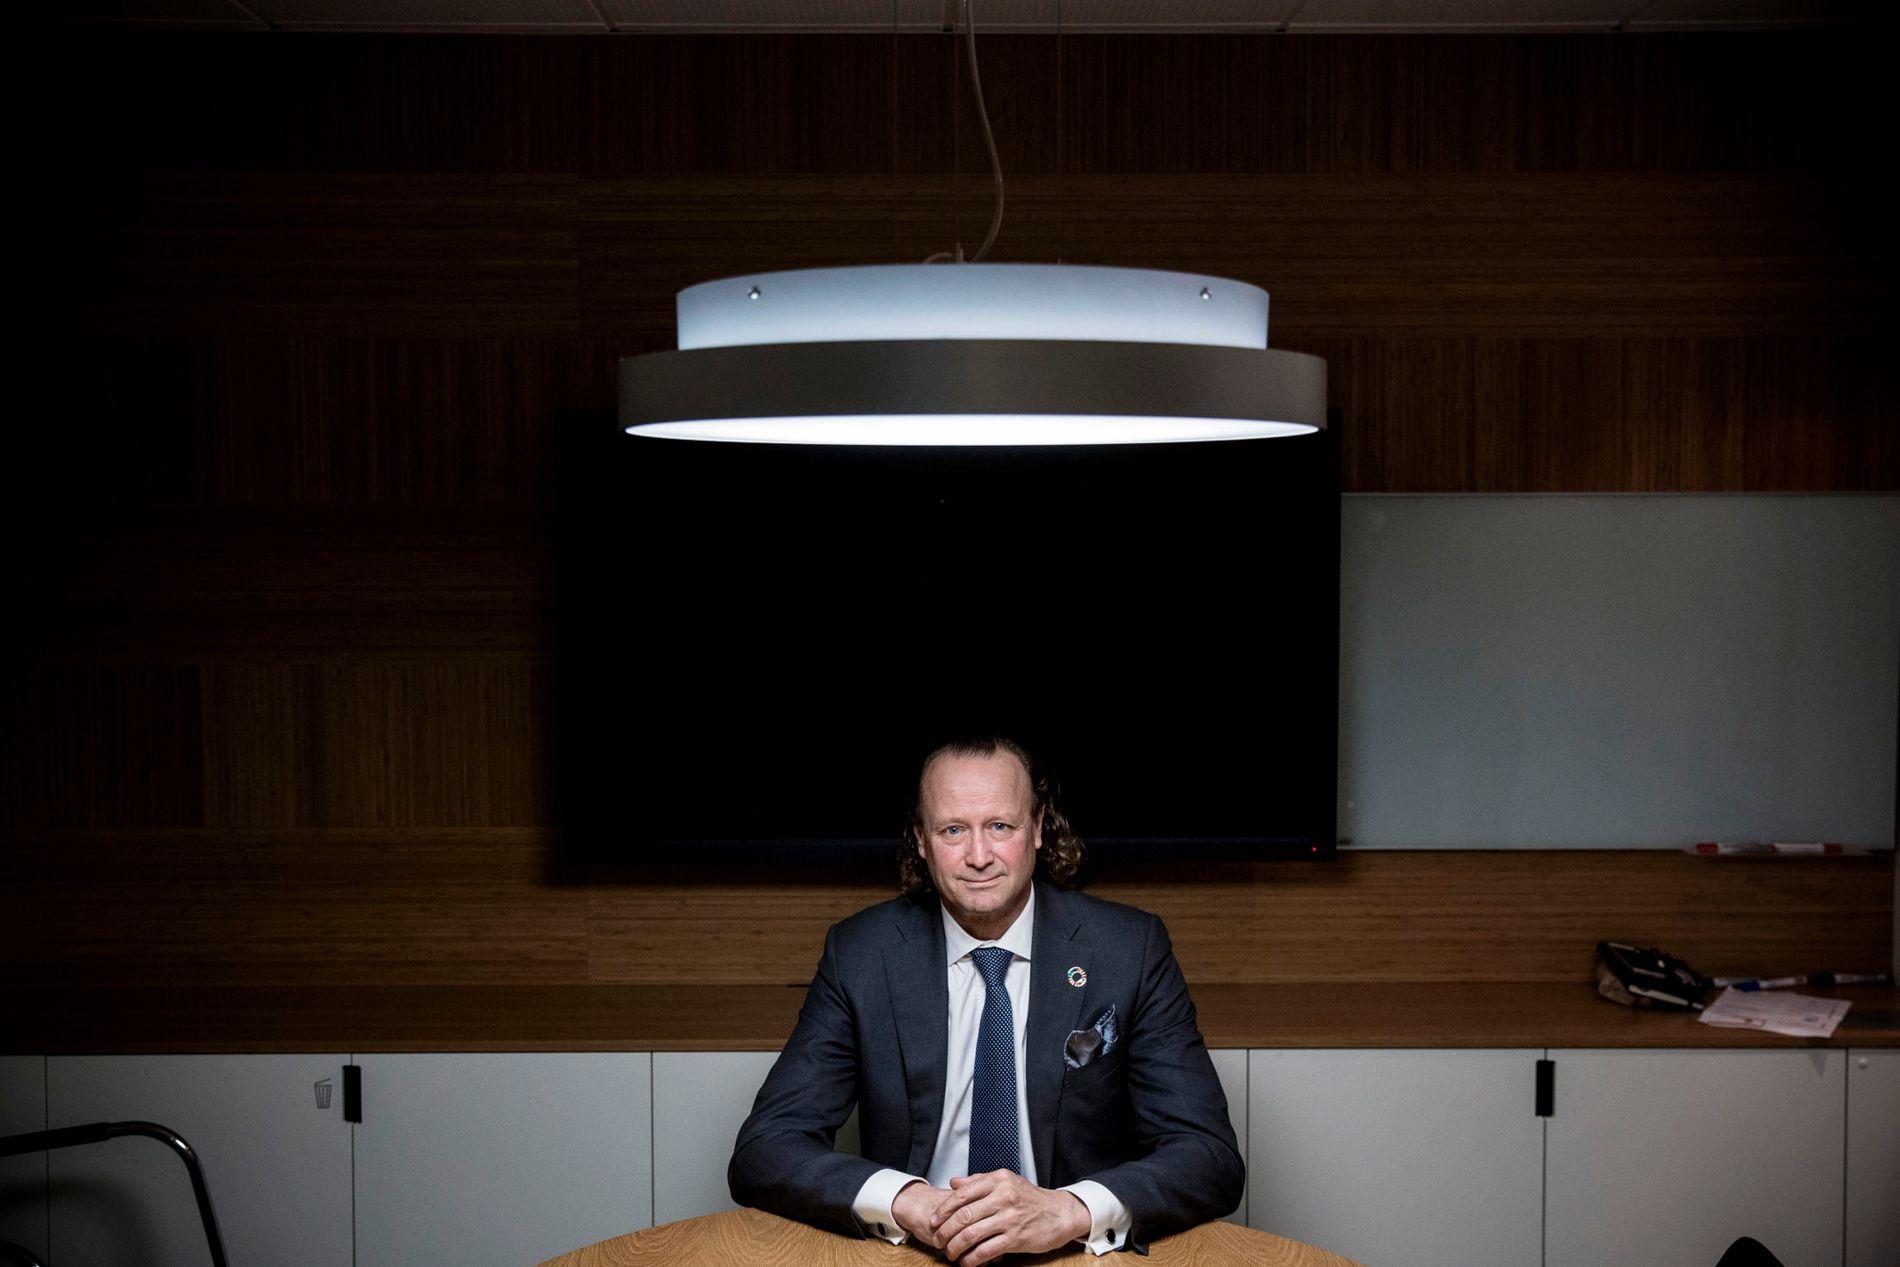 VIKTIG JOBB: - Jeg mener at vi løser et viktig samfunnsoppdrag, ved at flere sparer smartere og får mer igjen for det de investerer, sier Storebrand-sjef Jan Erik Saugestad.